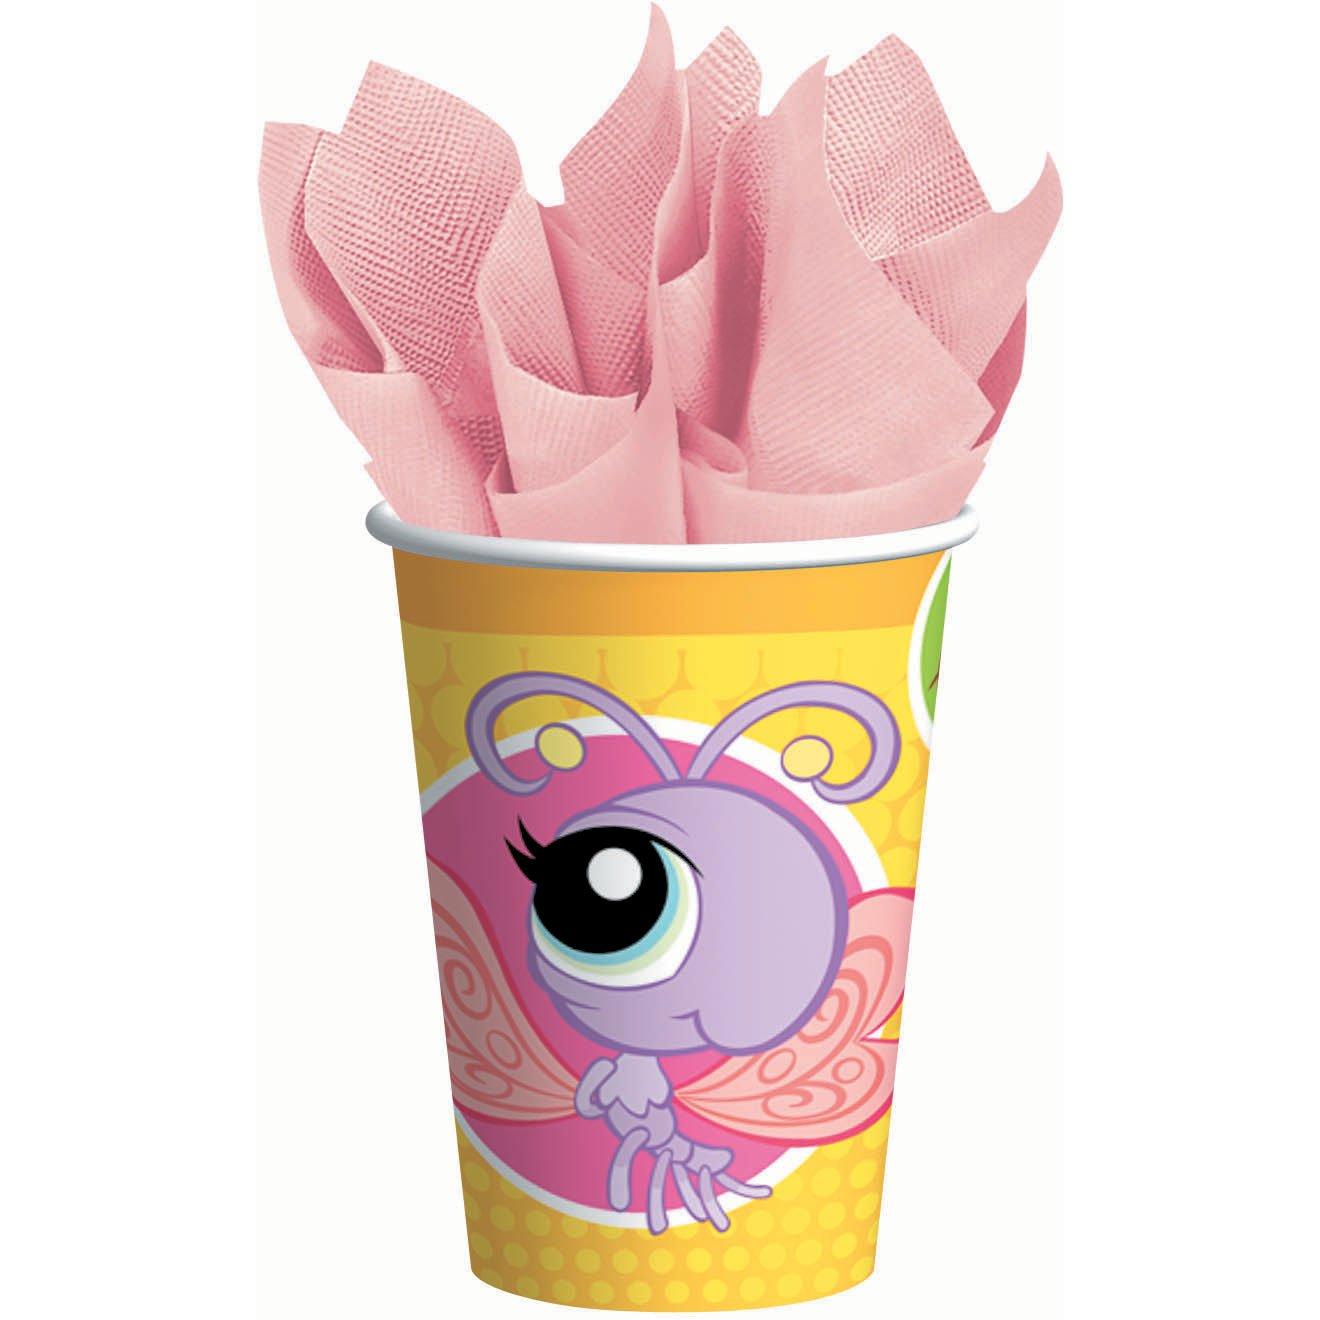 promociones de equipo Designware Designware Designware Littlest Pet Shop 9 oz Cups - 8 ct  ventas directas de fábrica